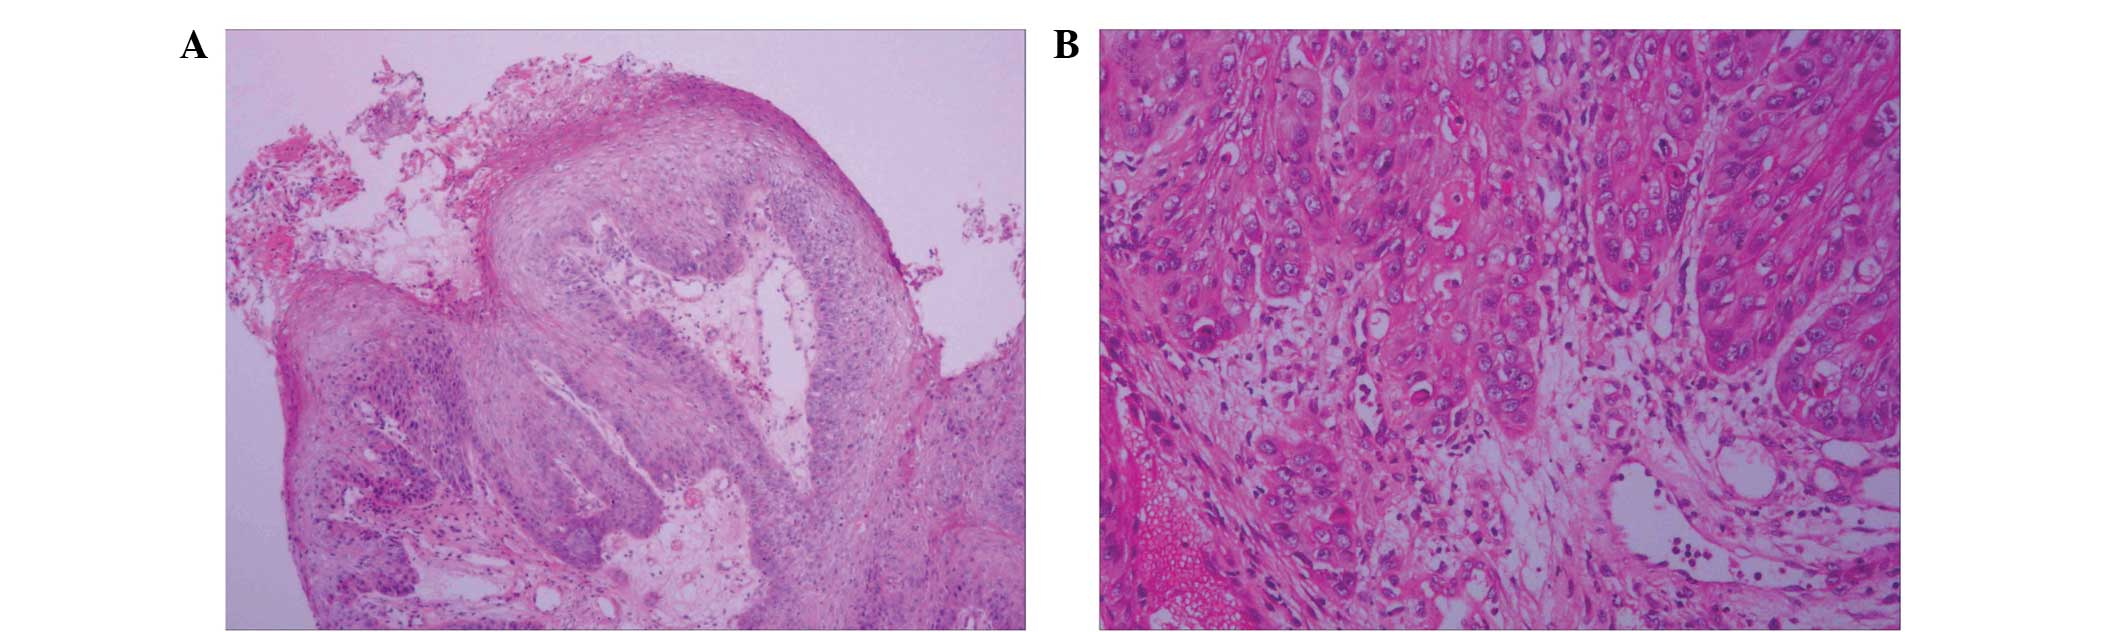 cancer ficat analize etiology of papillomatosis